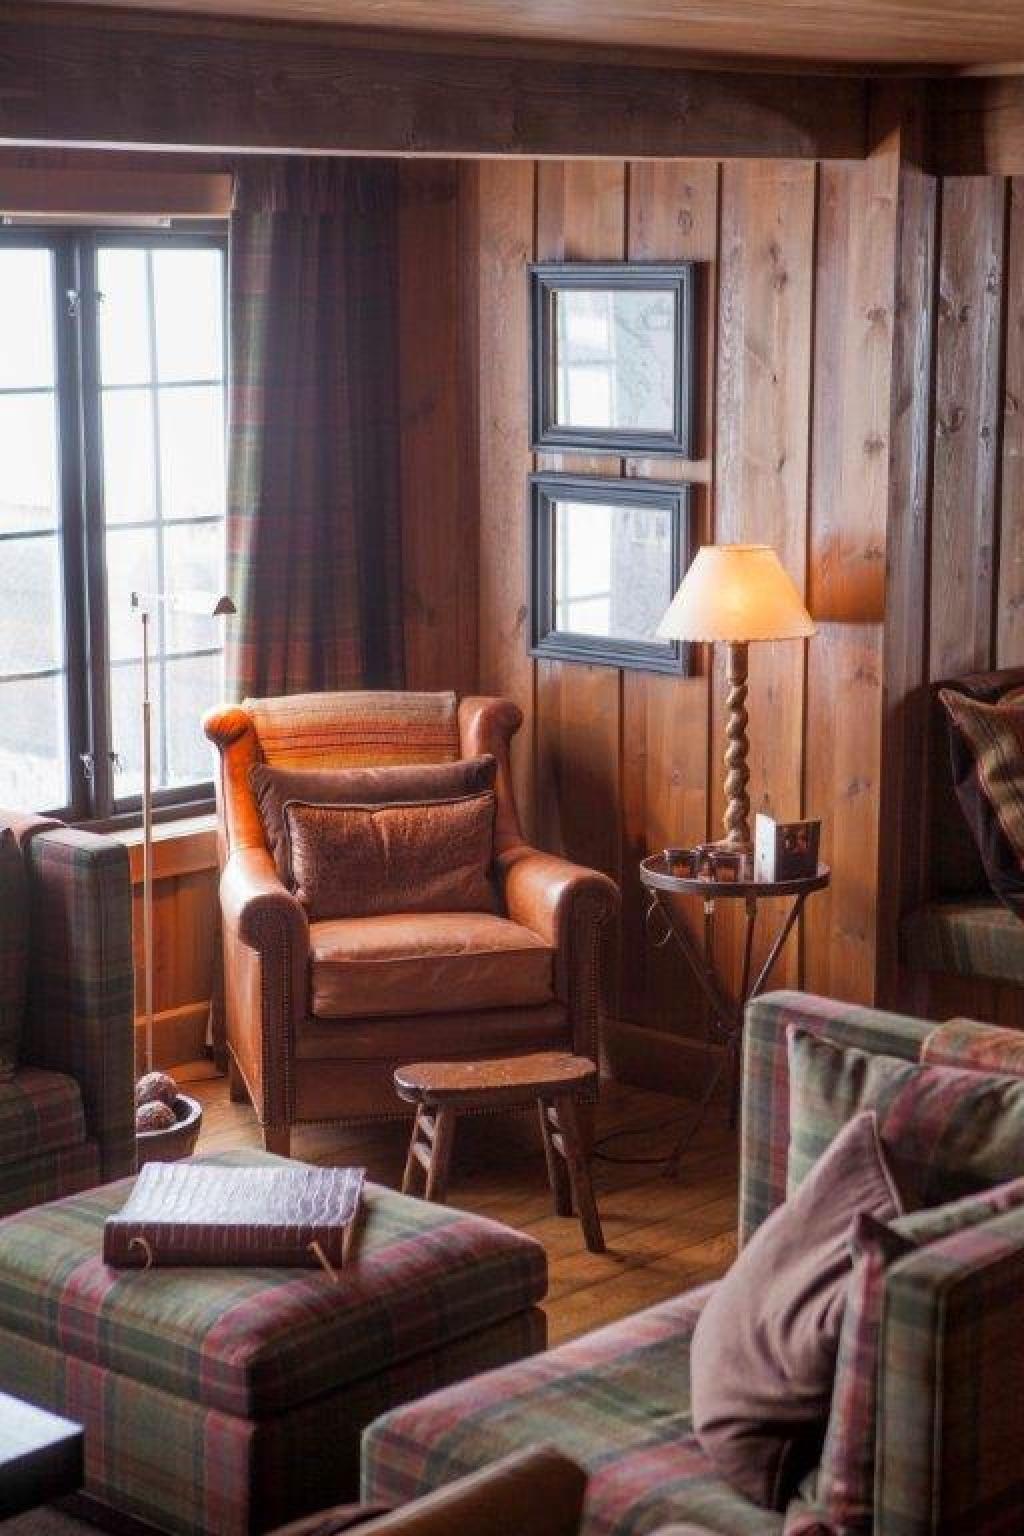 Mountain lodge sma bilder 77 | inspirasjon | Pinterest | Cabin ...